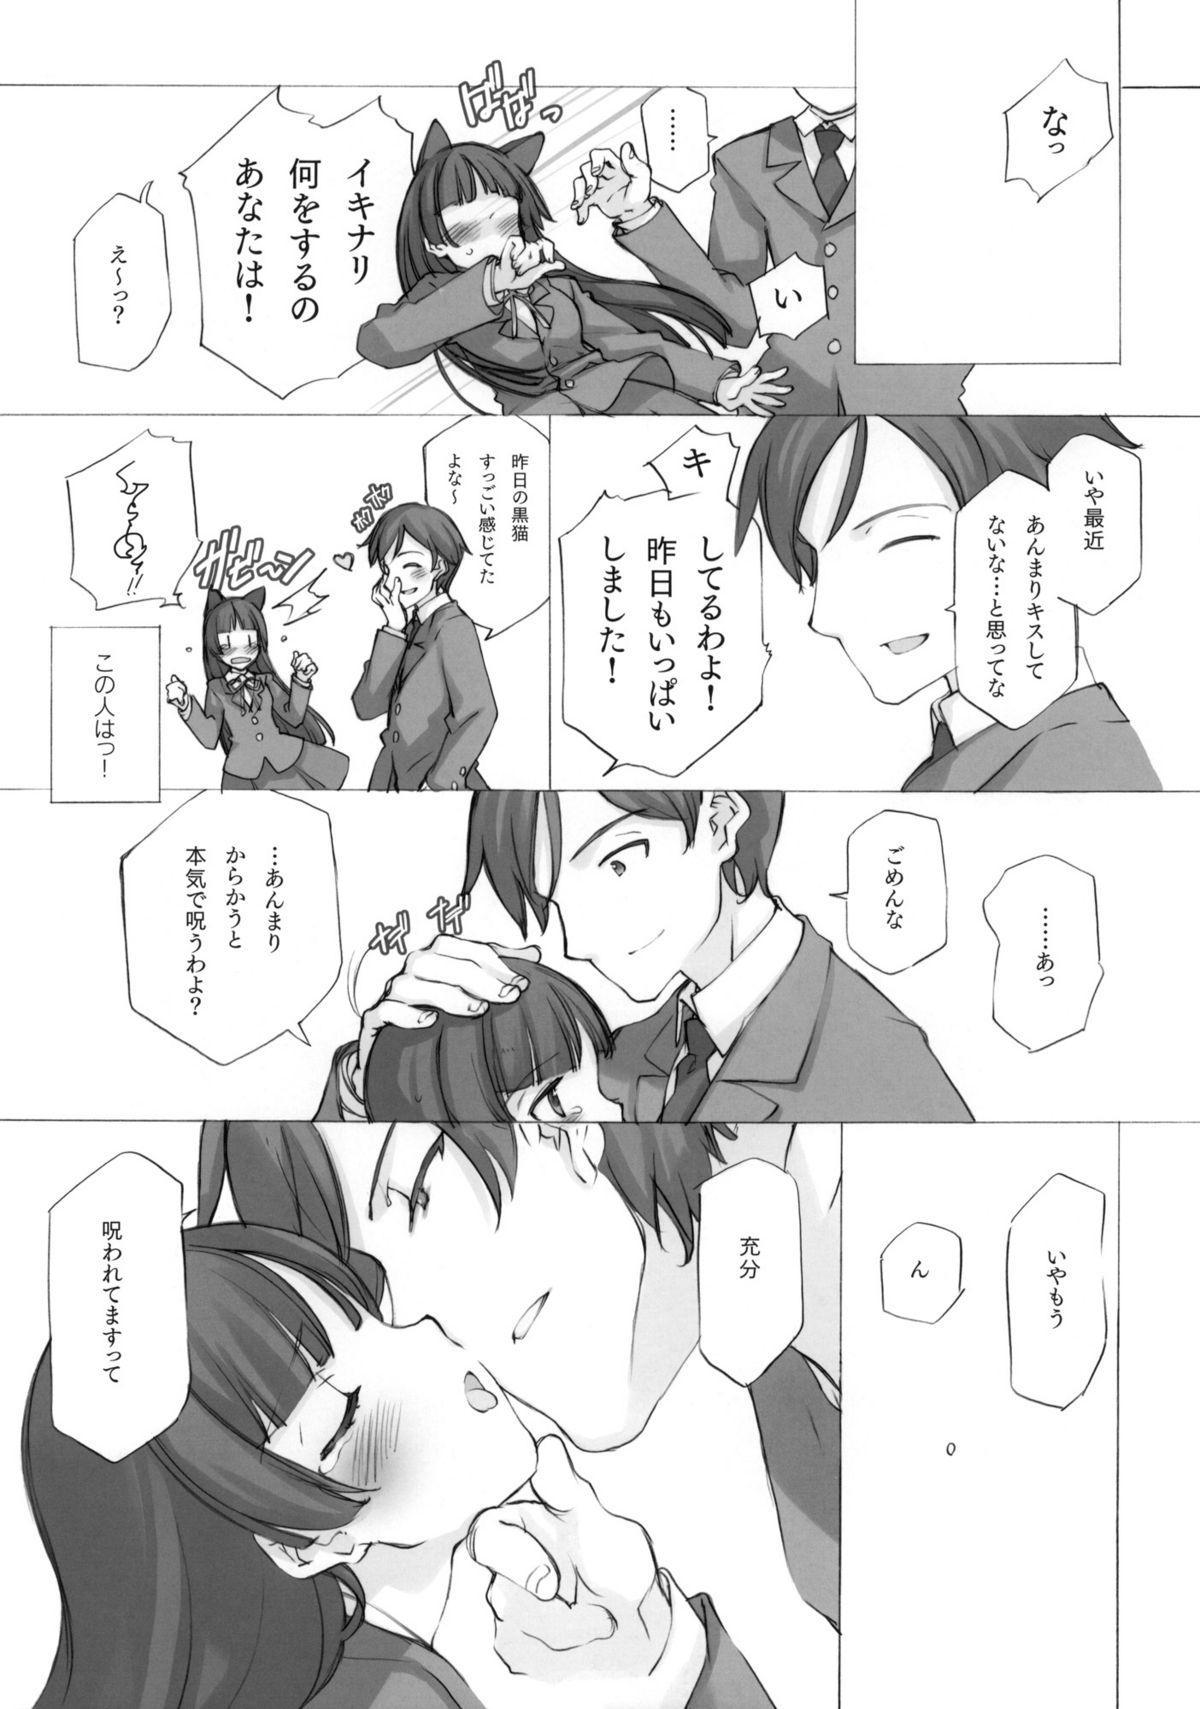 KURONEKO NO TANGO 6